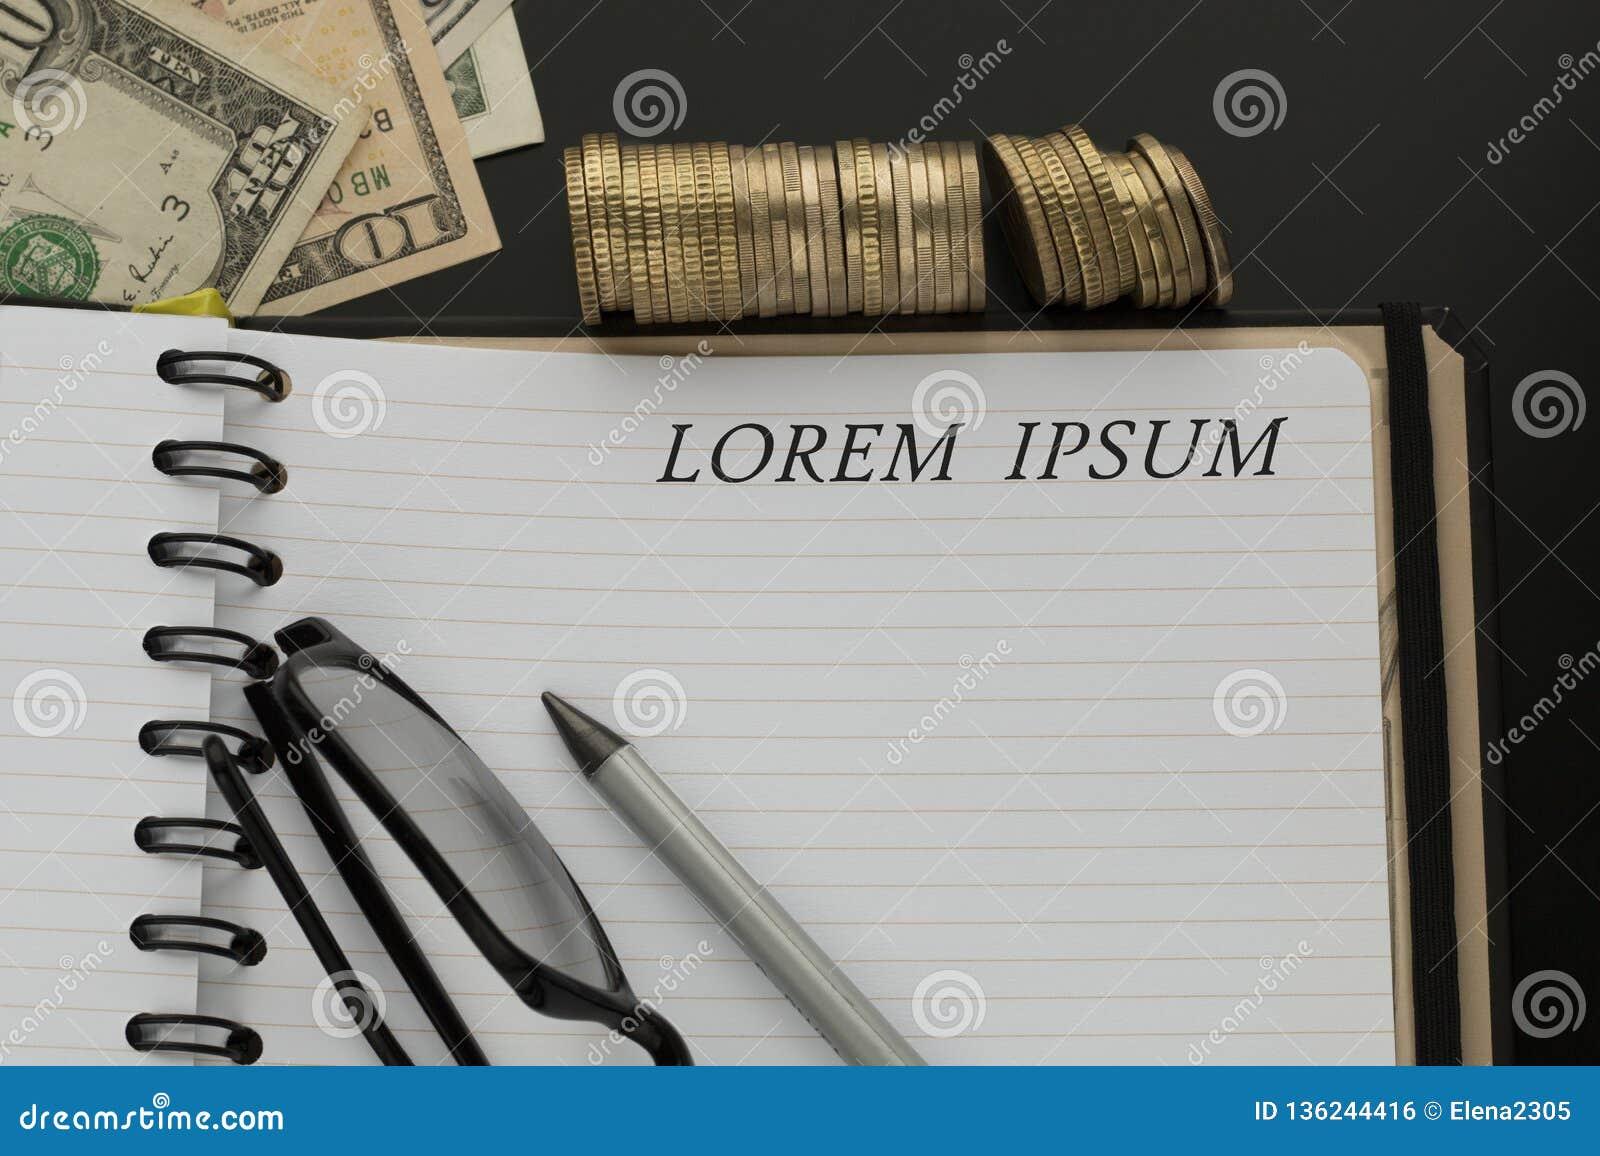 Bloc-notes avec des mots de lorem ipsum, crayon, verres